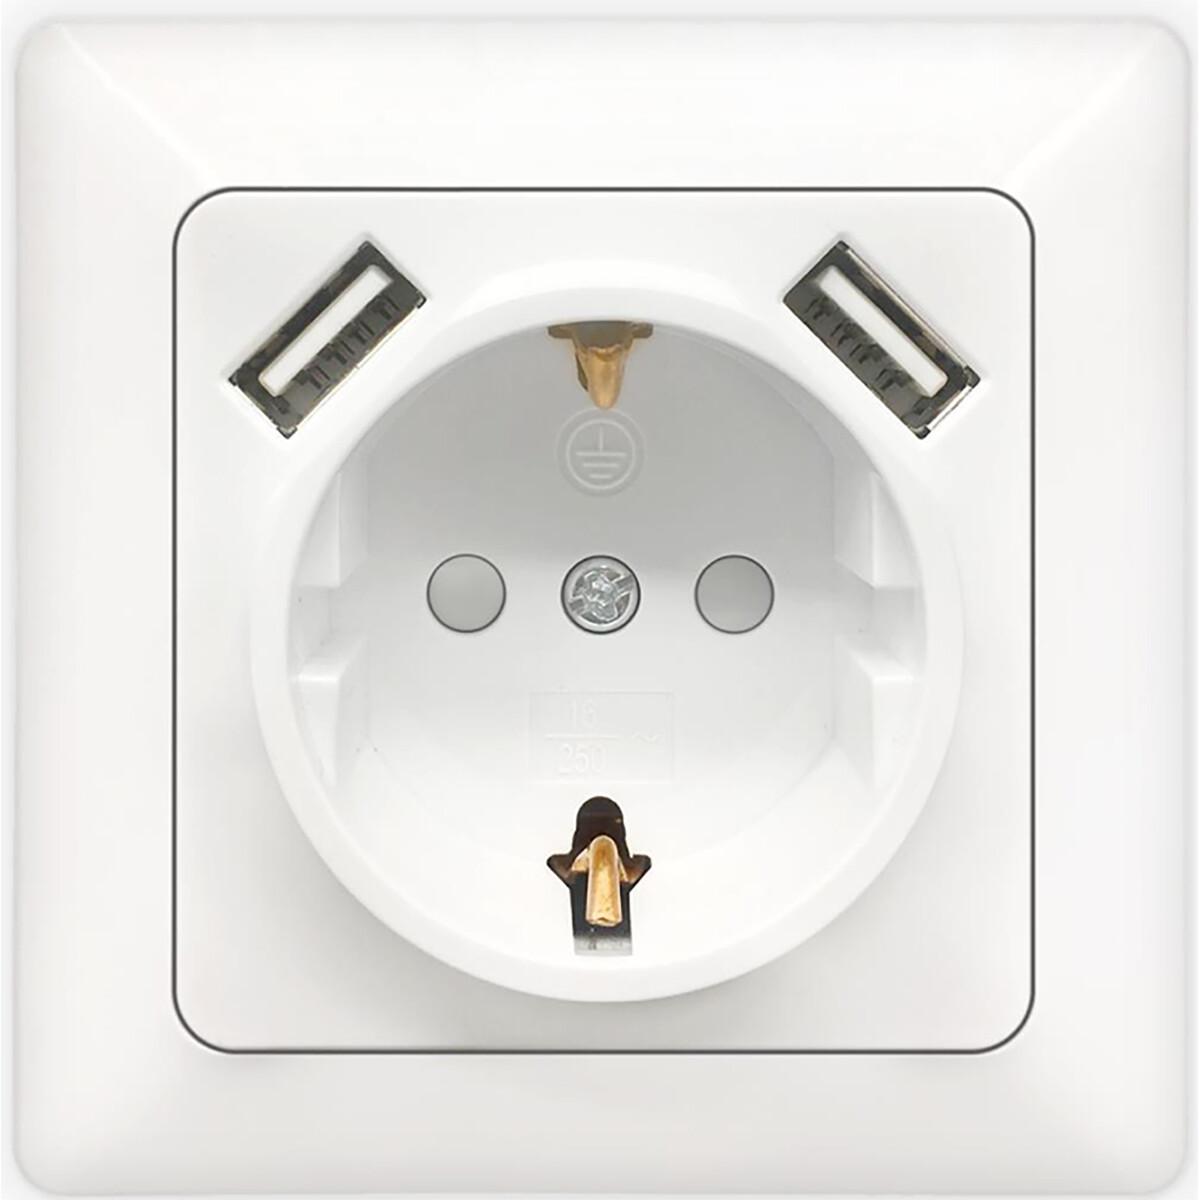 Wandcontactdoos - Aigi Cika - Inbouw - 1-voudig Stopcontact - 2-voudig USB Aansluiting - Randaarde -